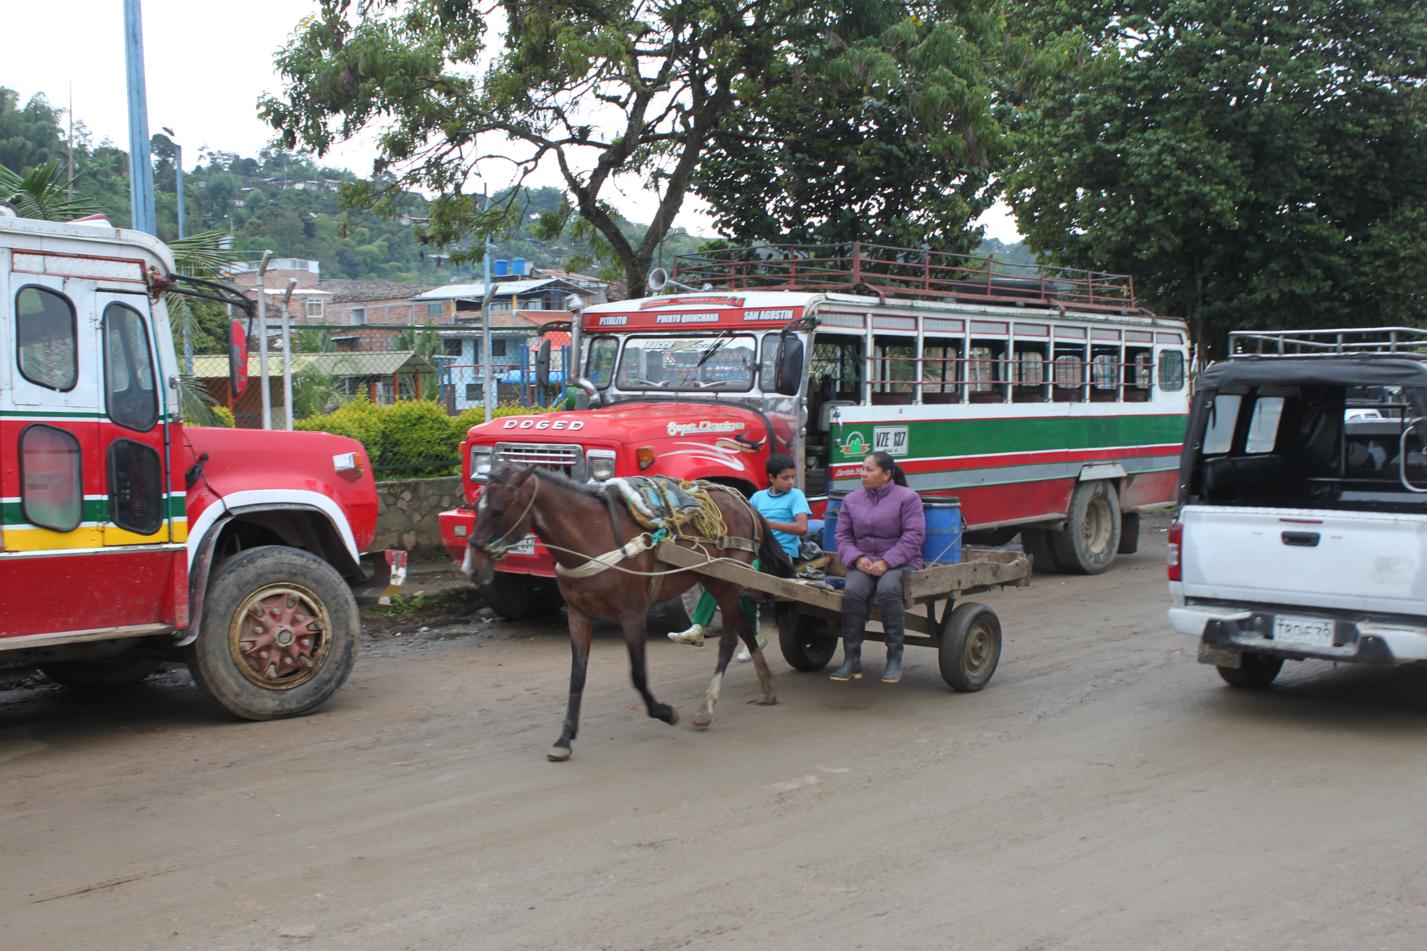 Der Pferdewagen ist ein gängiges Fortbewegungsmittel in San Augustin.